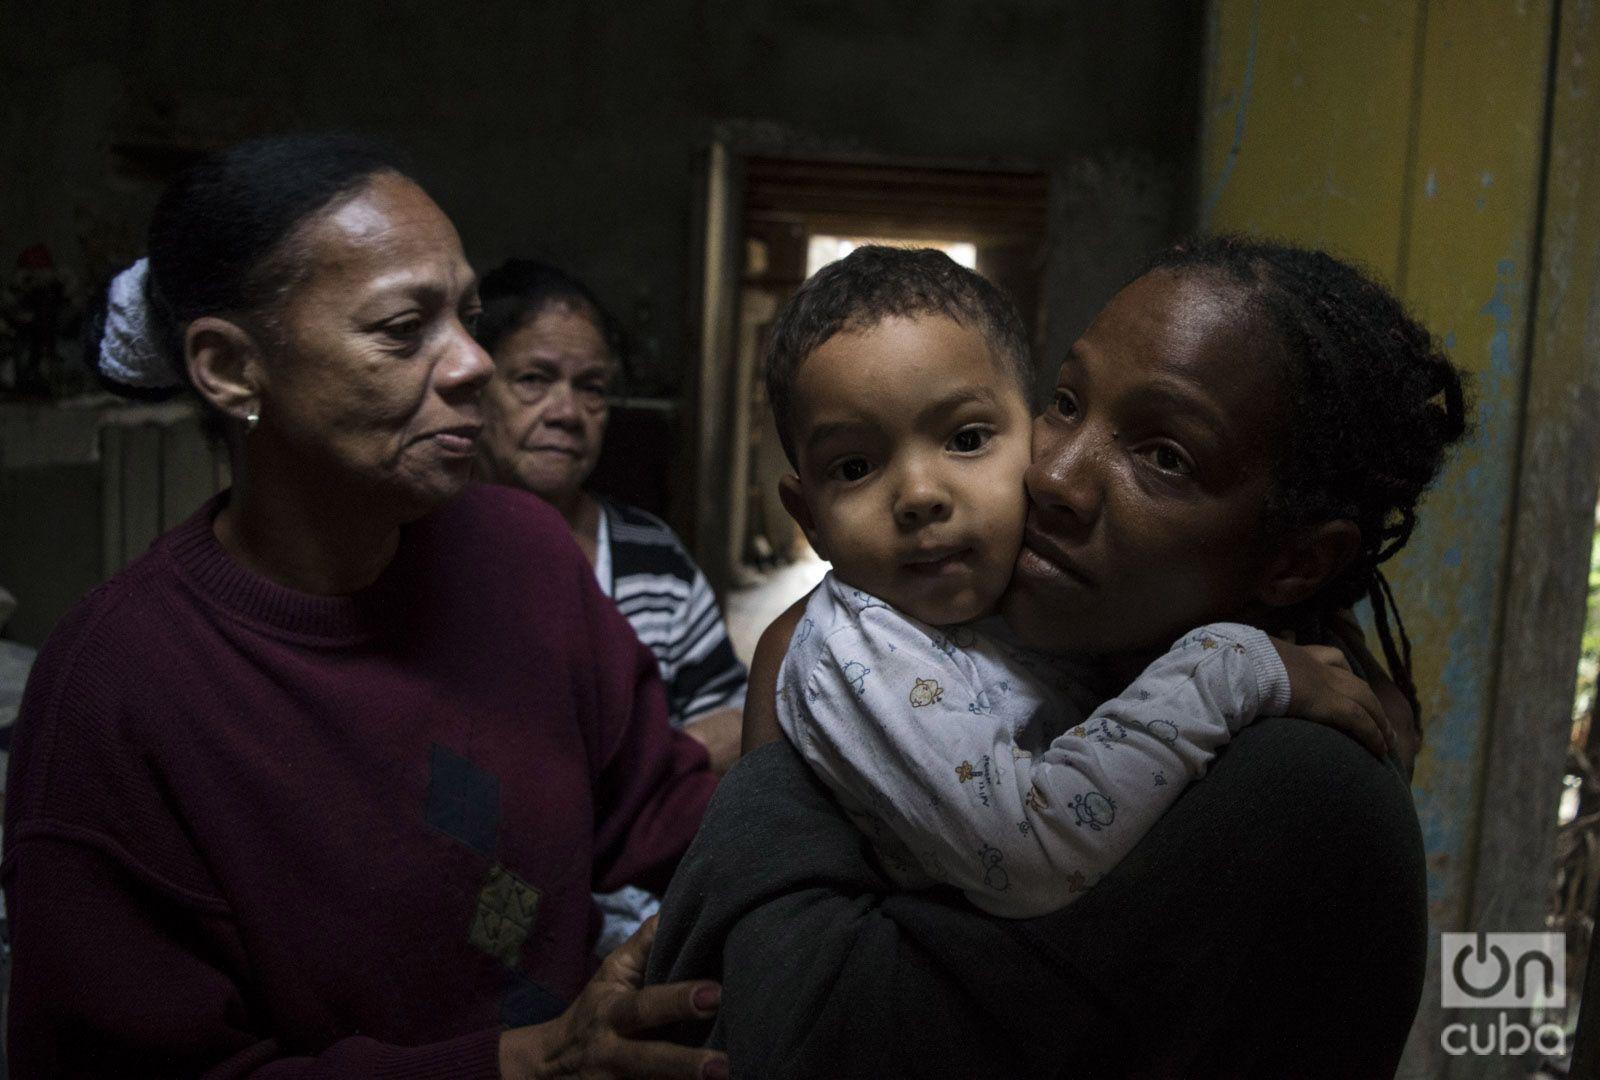 Milagros García con su hijo Dylan, su tía y su abuela, la mañana del 28 de enero de 2019, horas después del tornado que azotó La Habana y destruyó parcialmente su casa en la barriada de Luyanó. Foto: Otmaro Rodríguez.